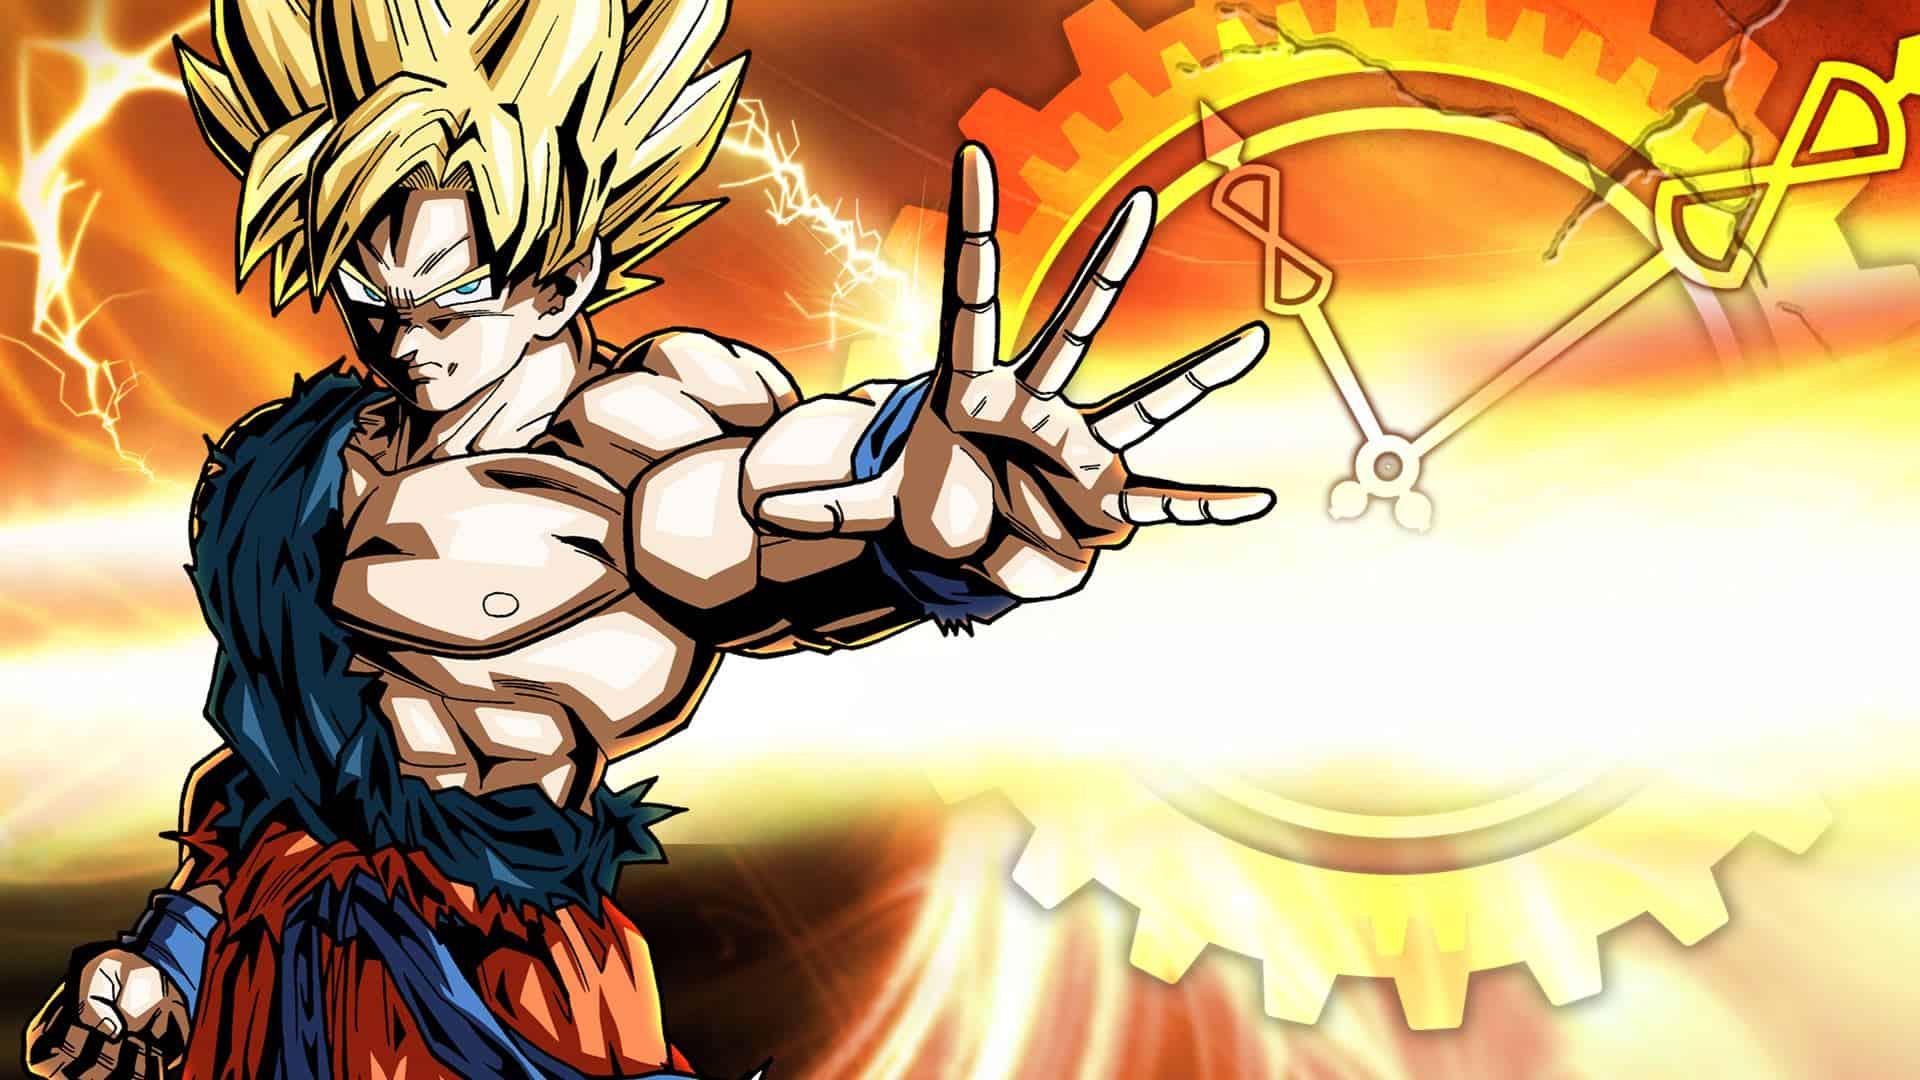 Dragon Ball Z: Xenoverse Save Game - Save File Download